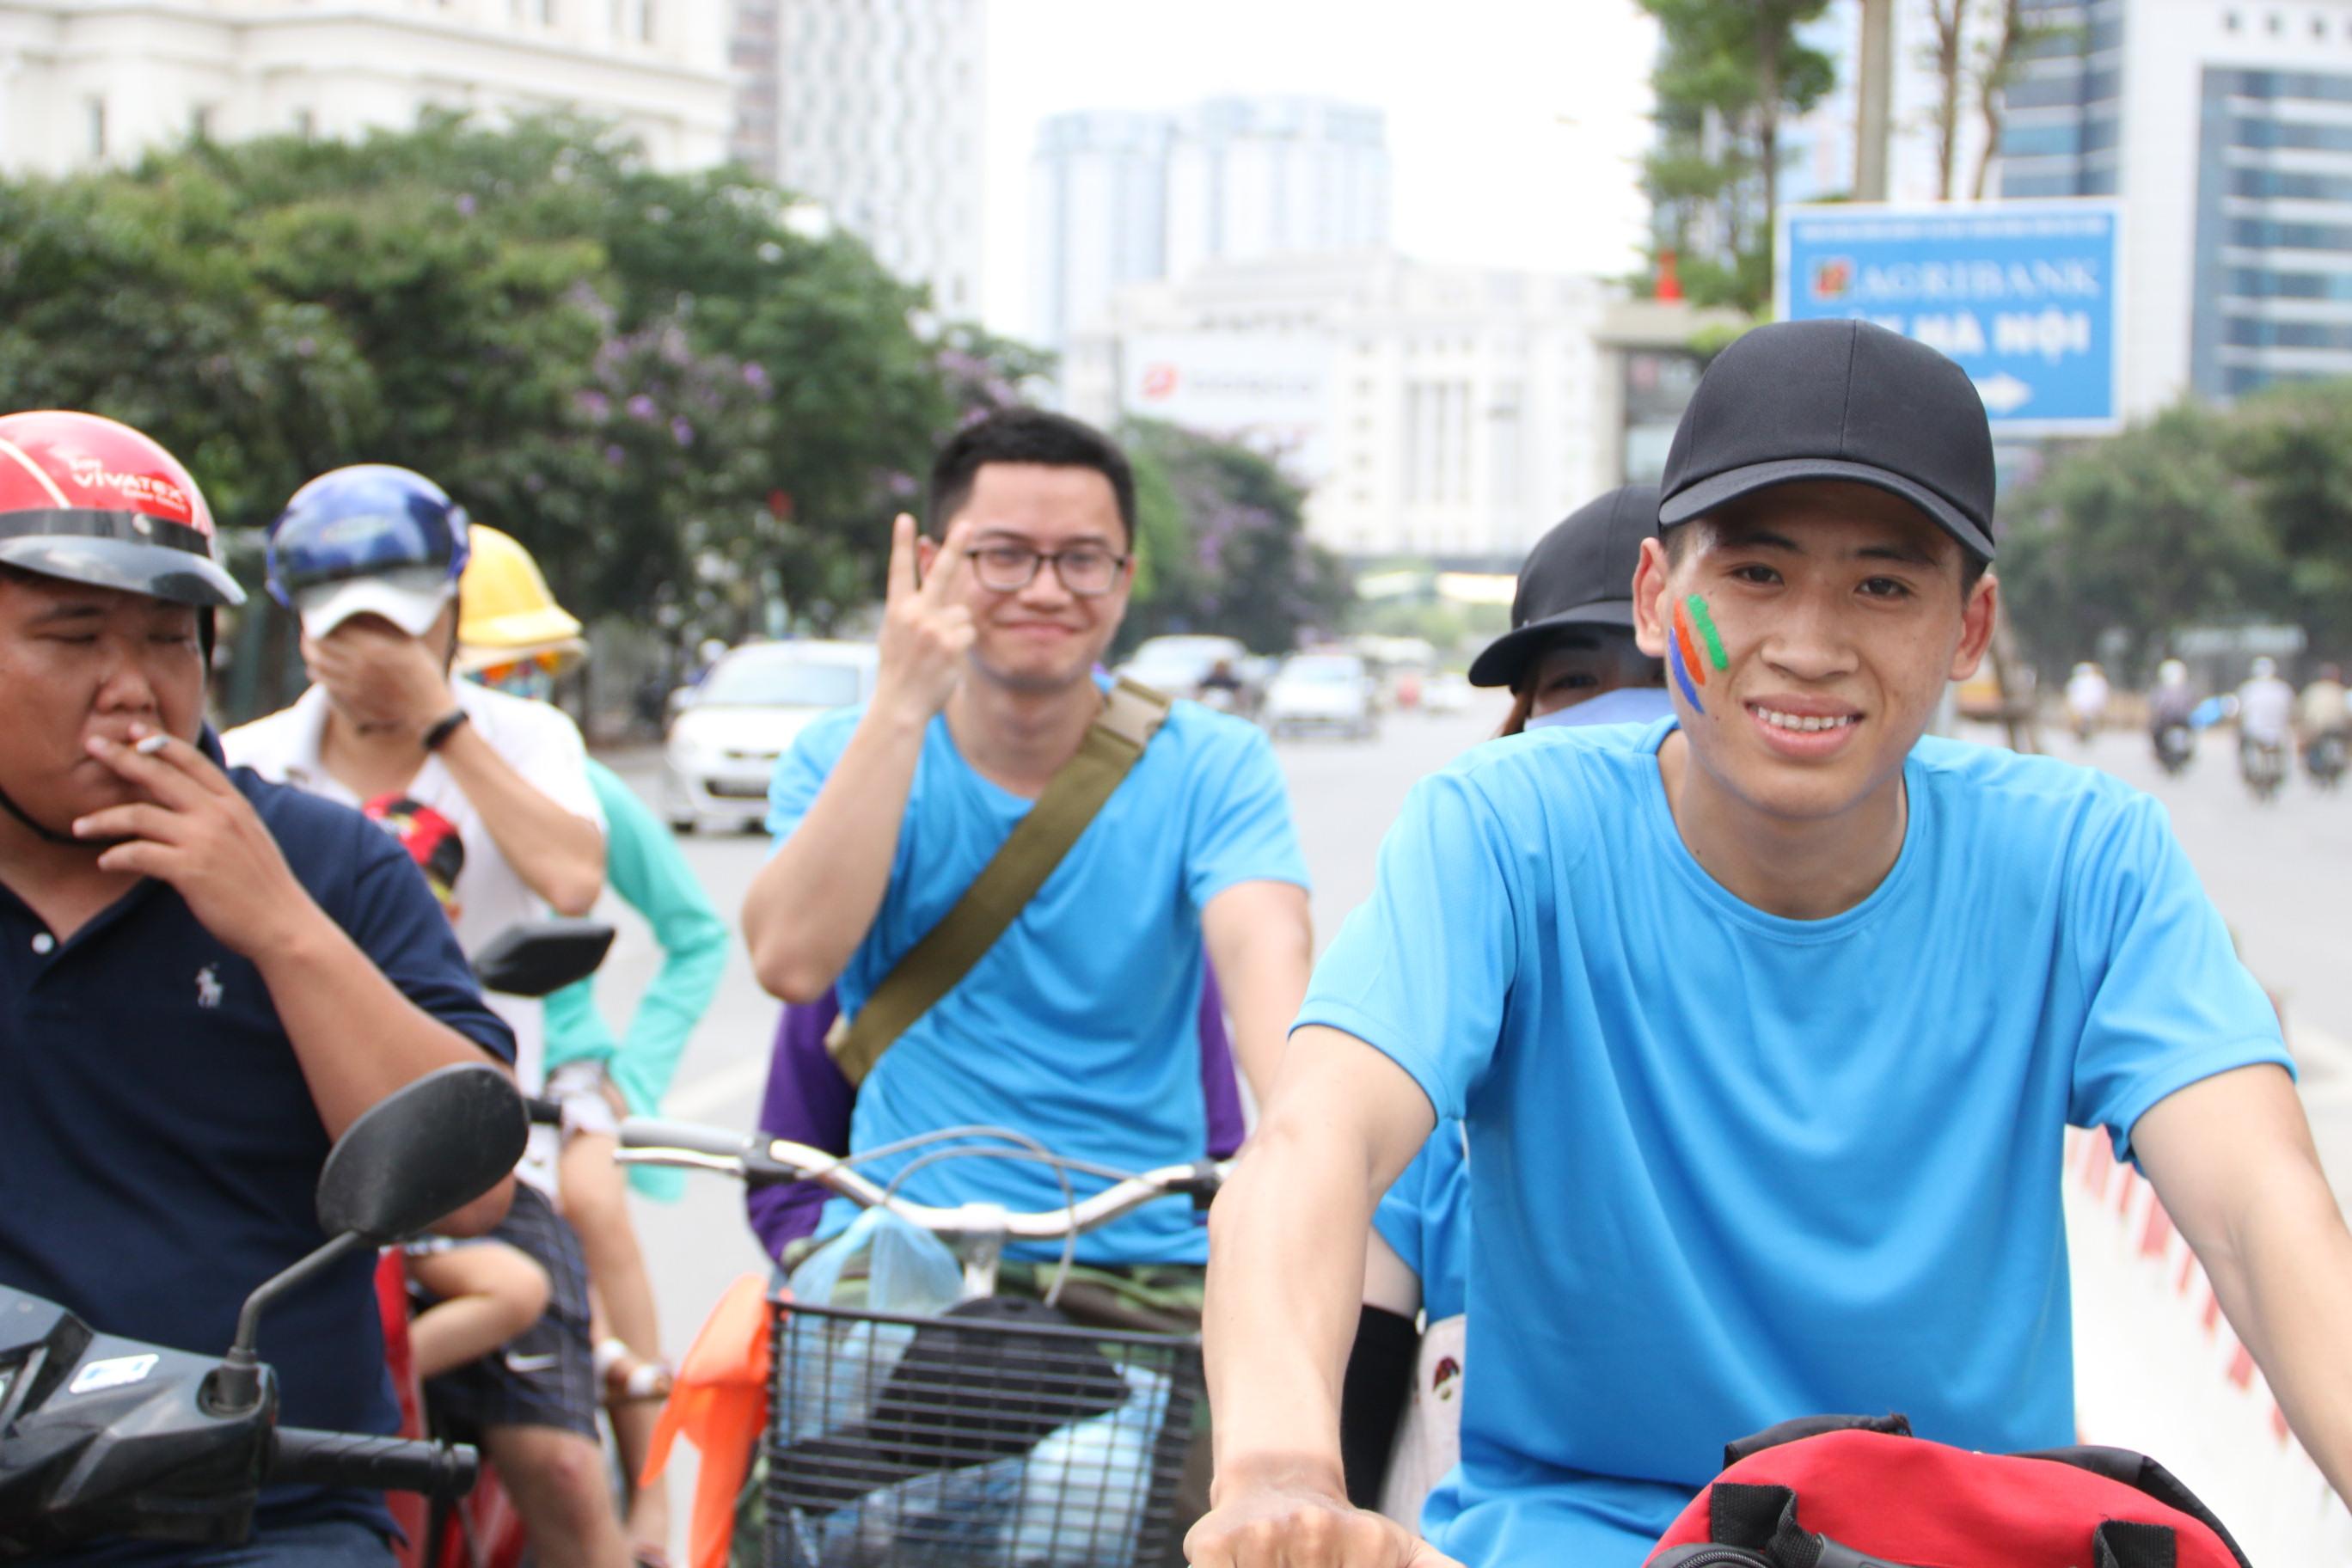 Về Le tour de FSoft năm nay, Minh Hải đánh giá, các chặng đường BTC chọn hơi khó, nếu không tinh ý sẽ đi sai đường.